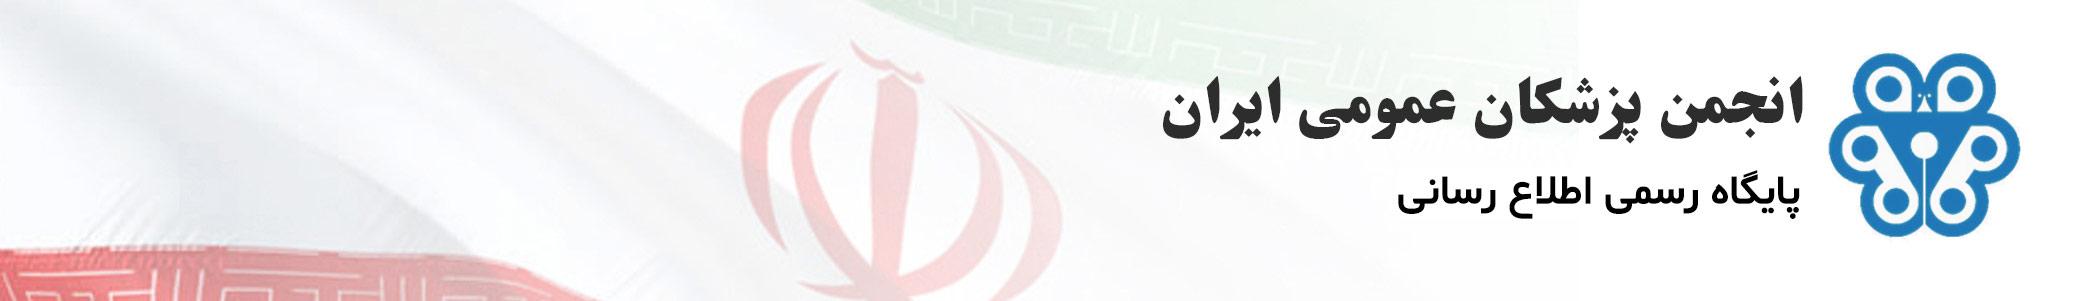 انجمن پزشکان عمومی ایران